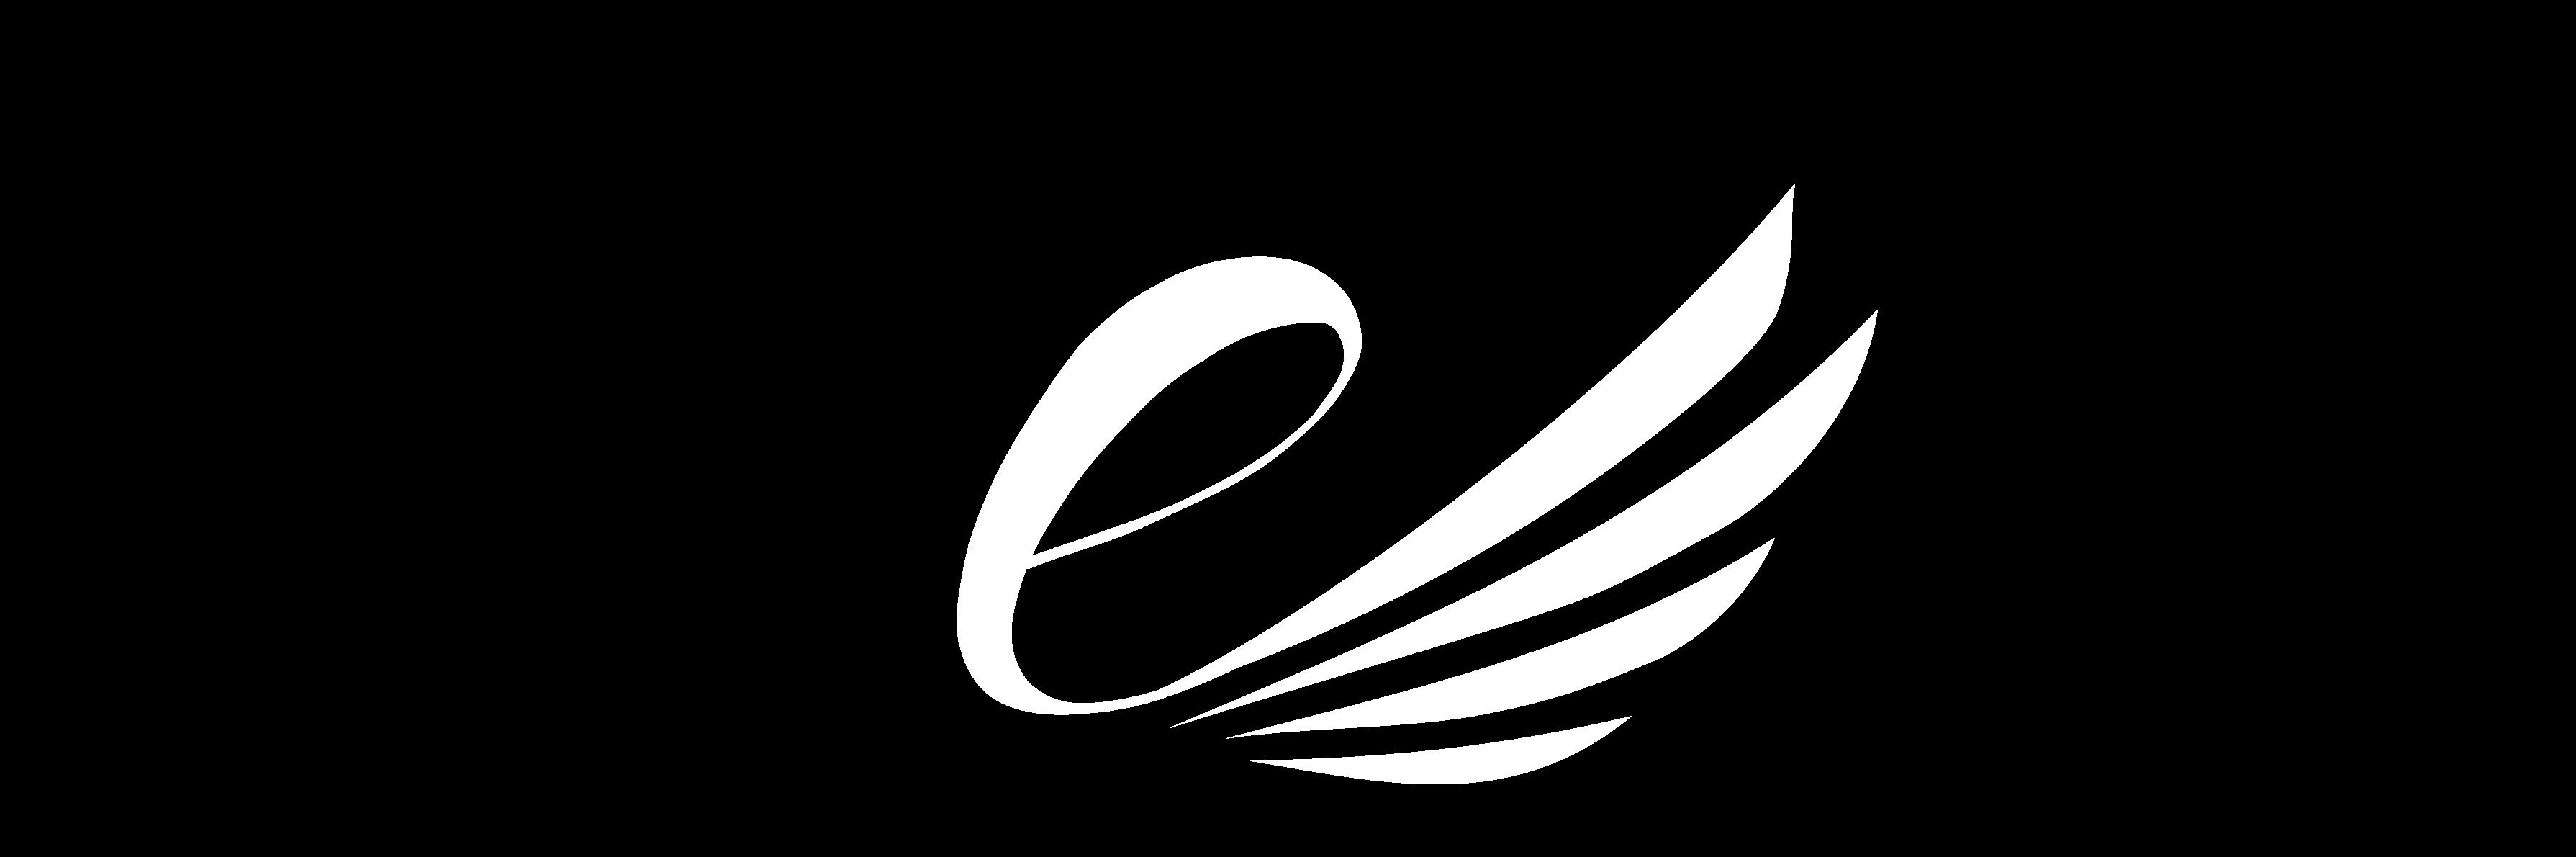 株式会社エーテル